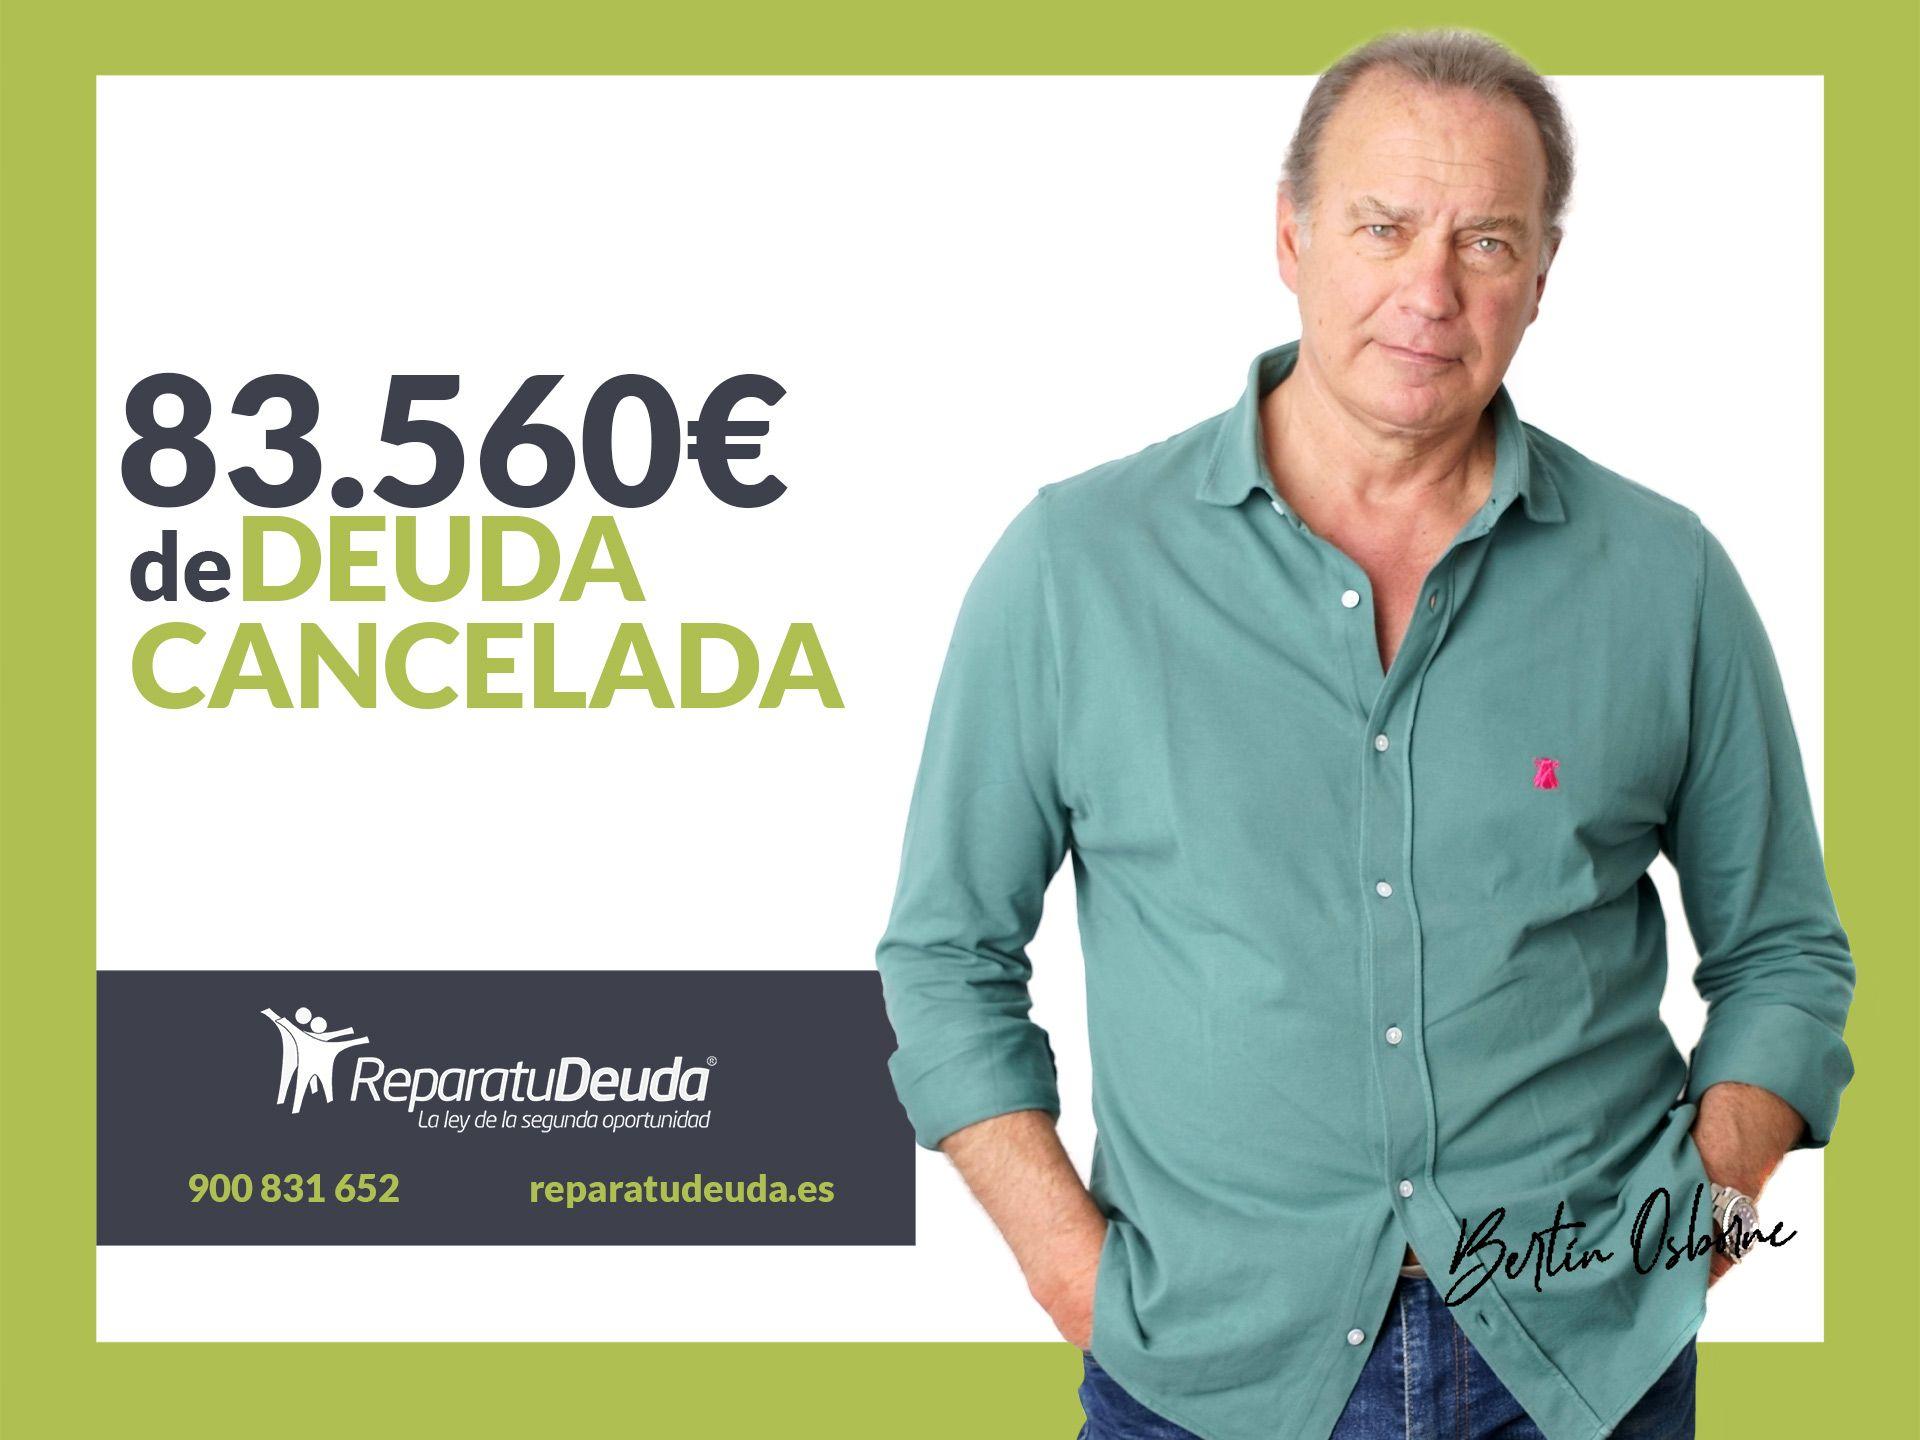 Repara tu Deuda Abogados cancela 83.560 ? en Vigo (Pontevedra) con la Ley de Segunda Oportunidad